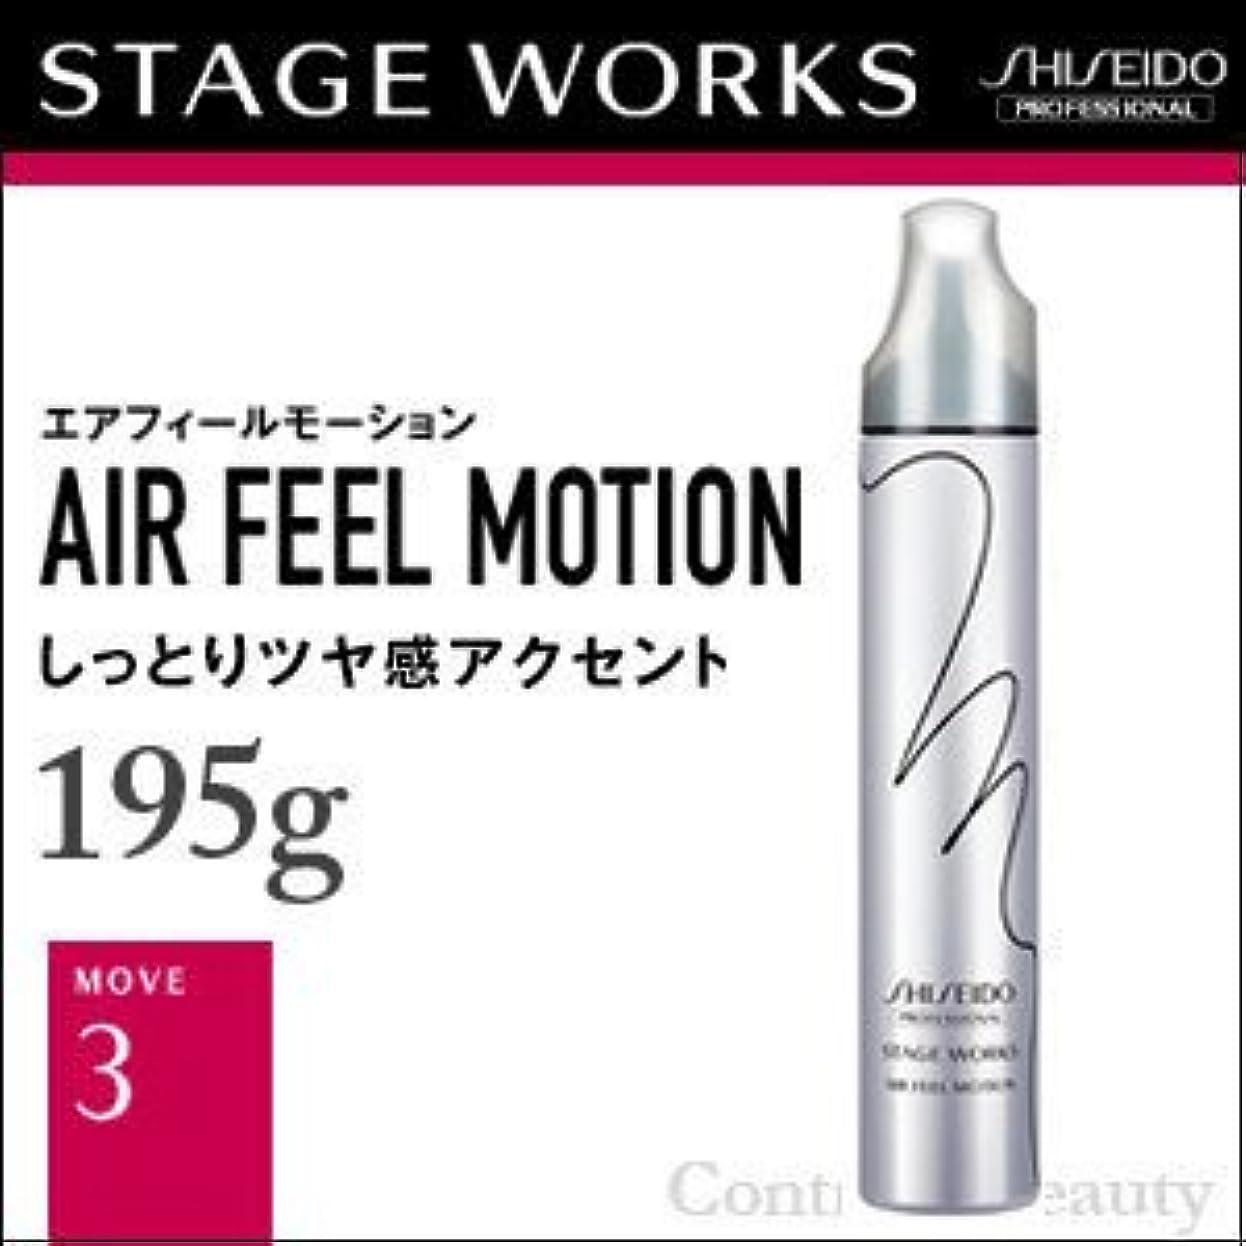 【x3個セット】 資生堂プロフェッショナル ステージワークス エアフィールモーション 195g